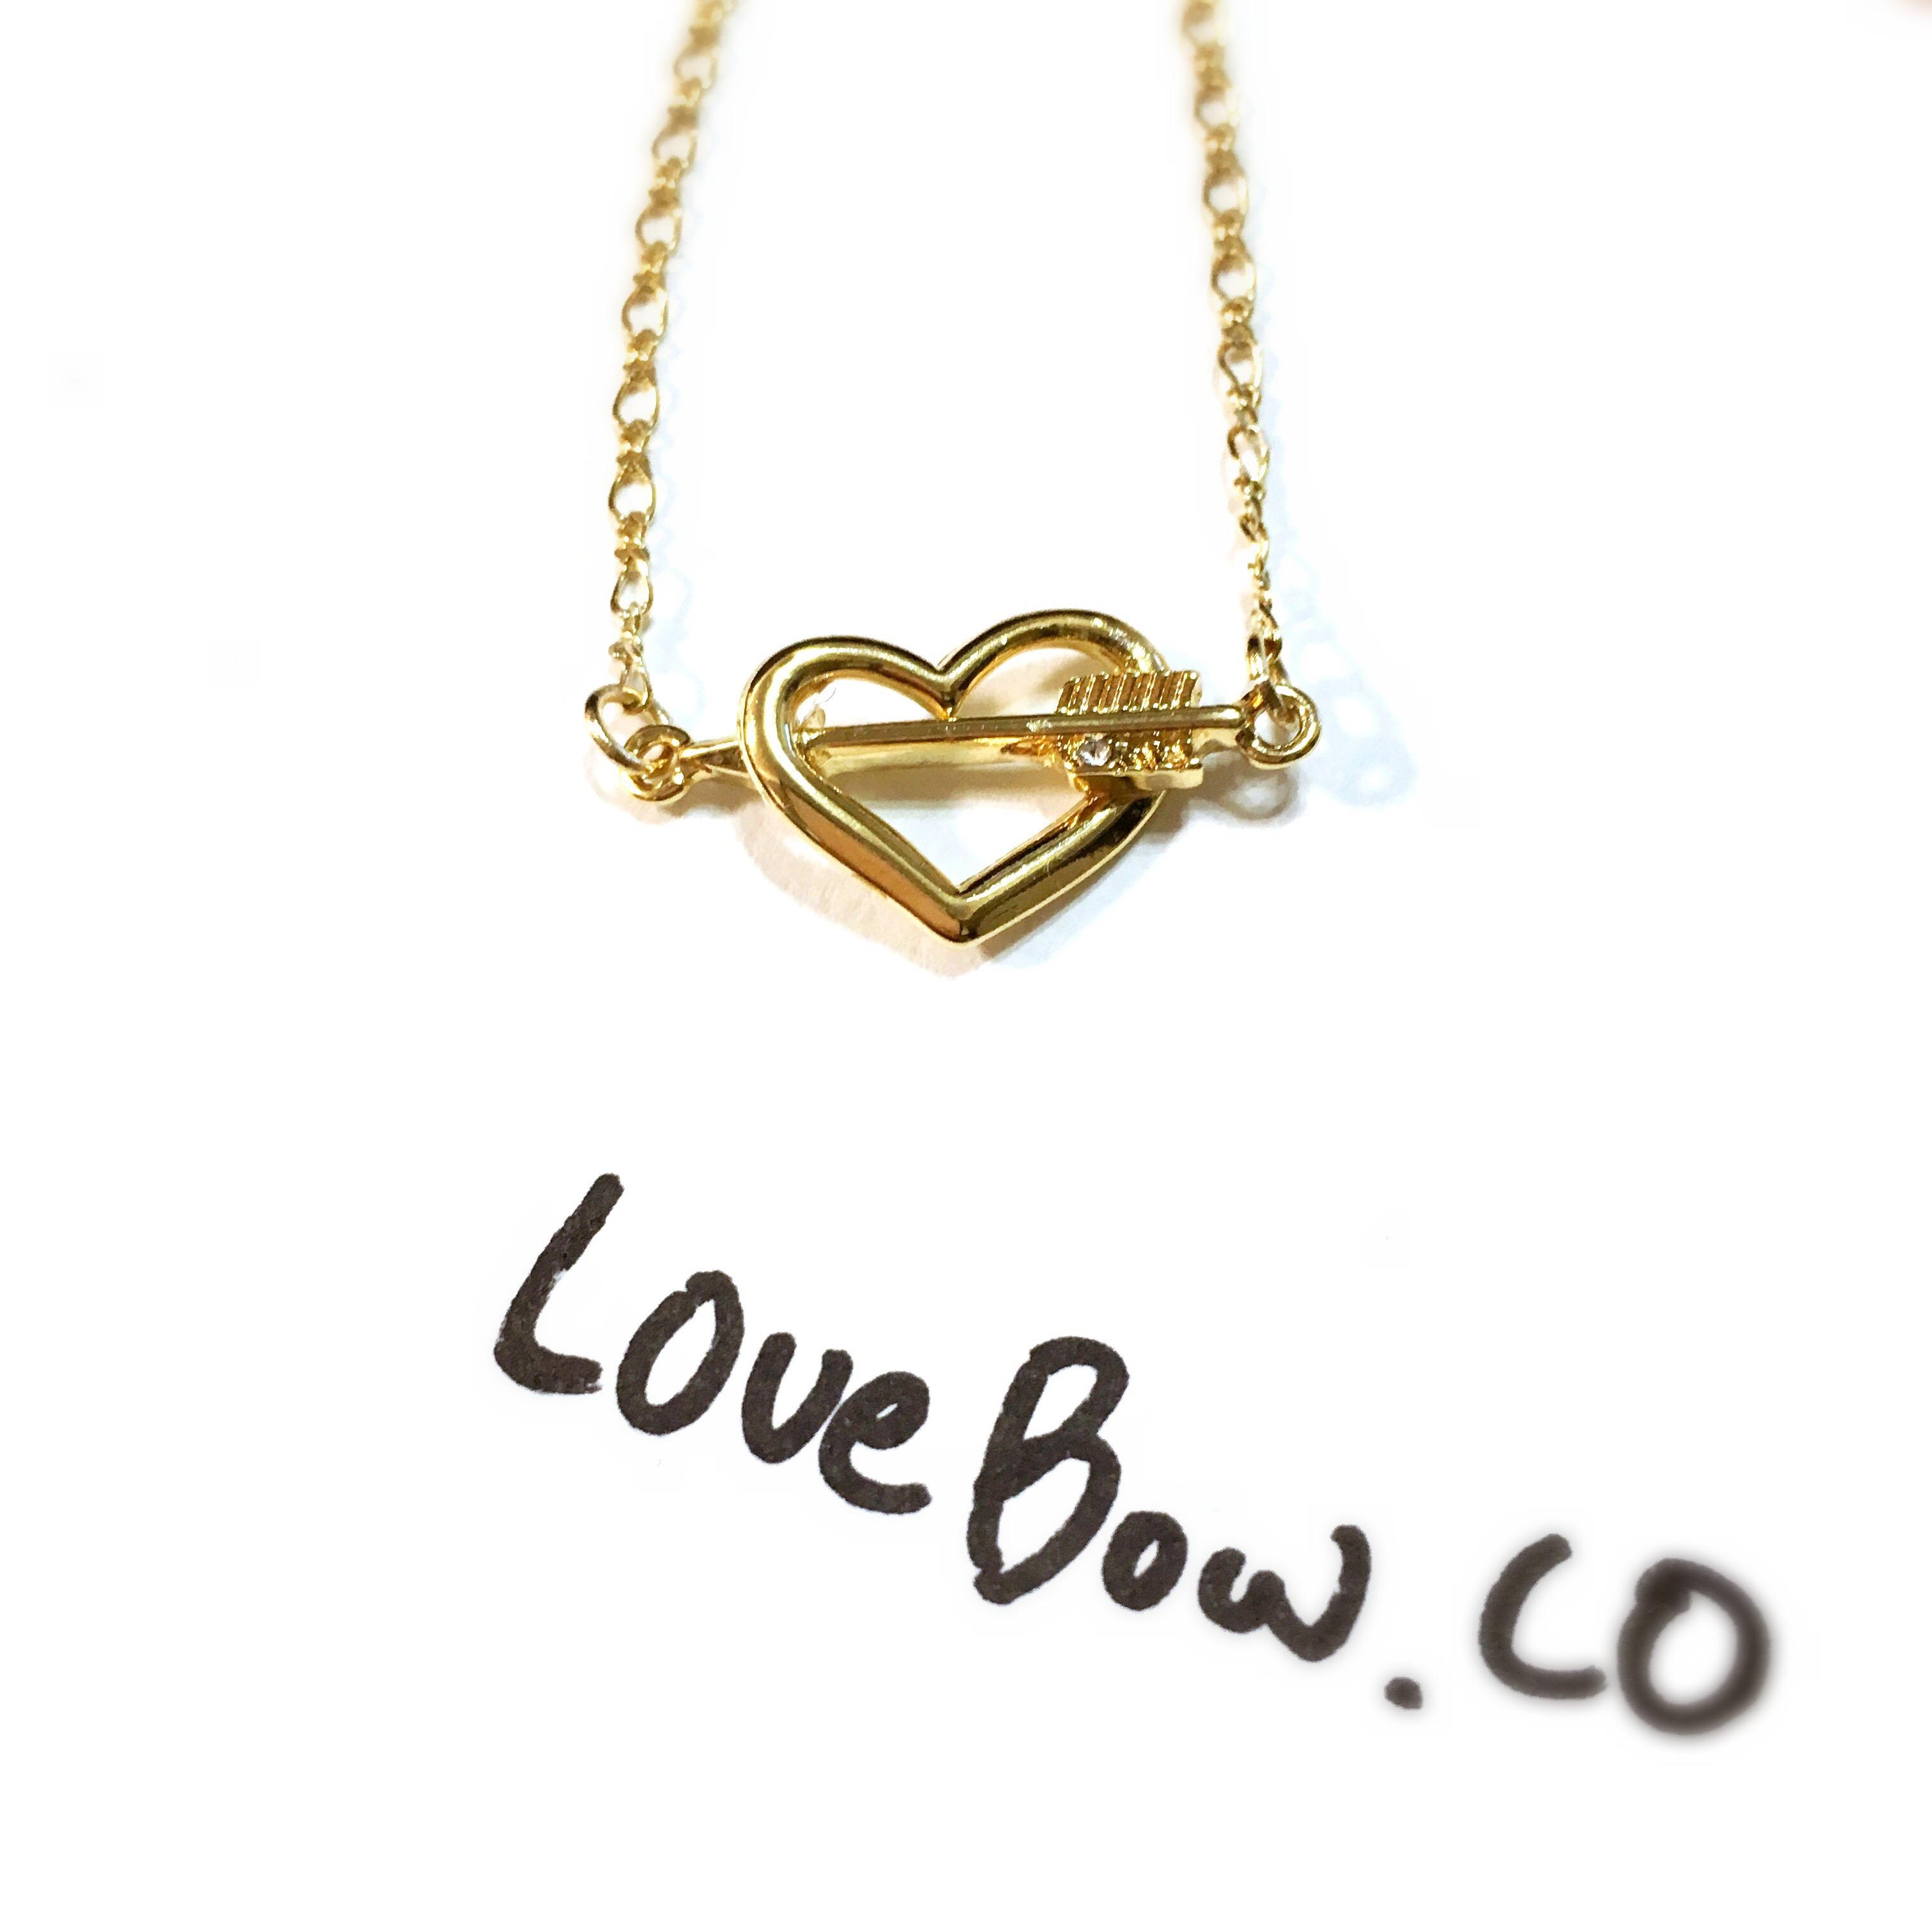 LOVE BOW. CO